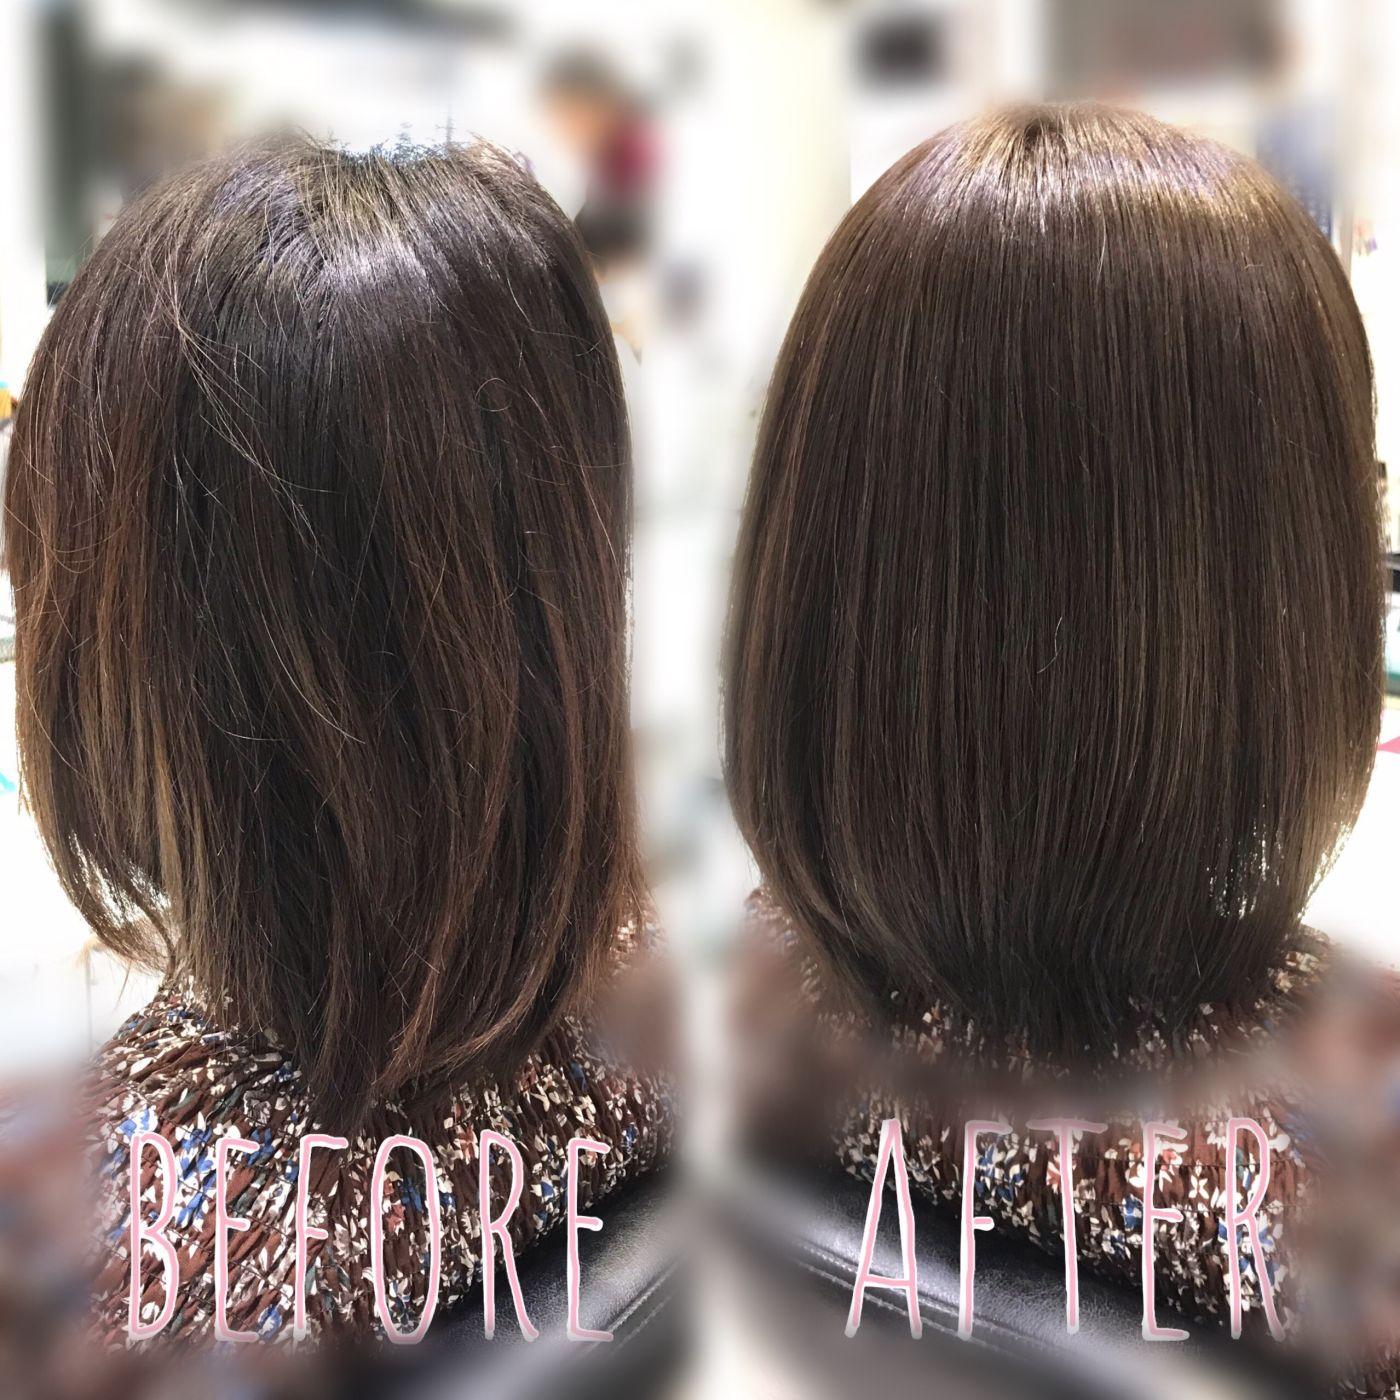 クセの度合い→弱 パサつきが気になる方は髪質改善トリートメント